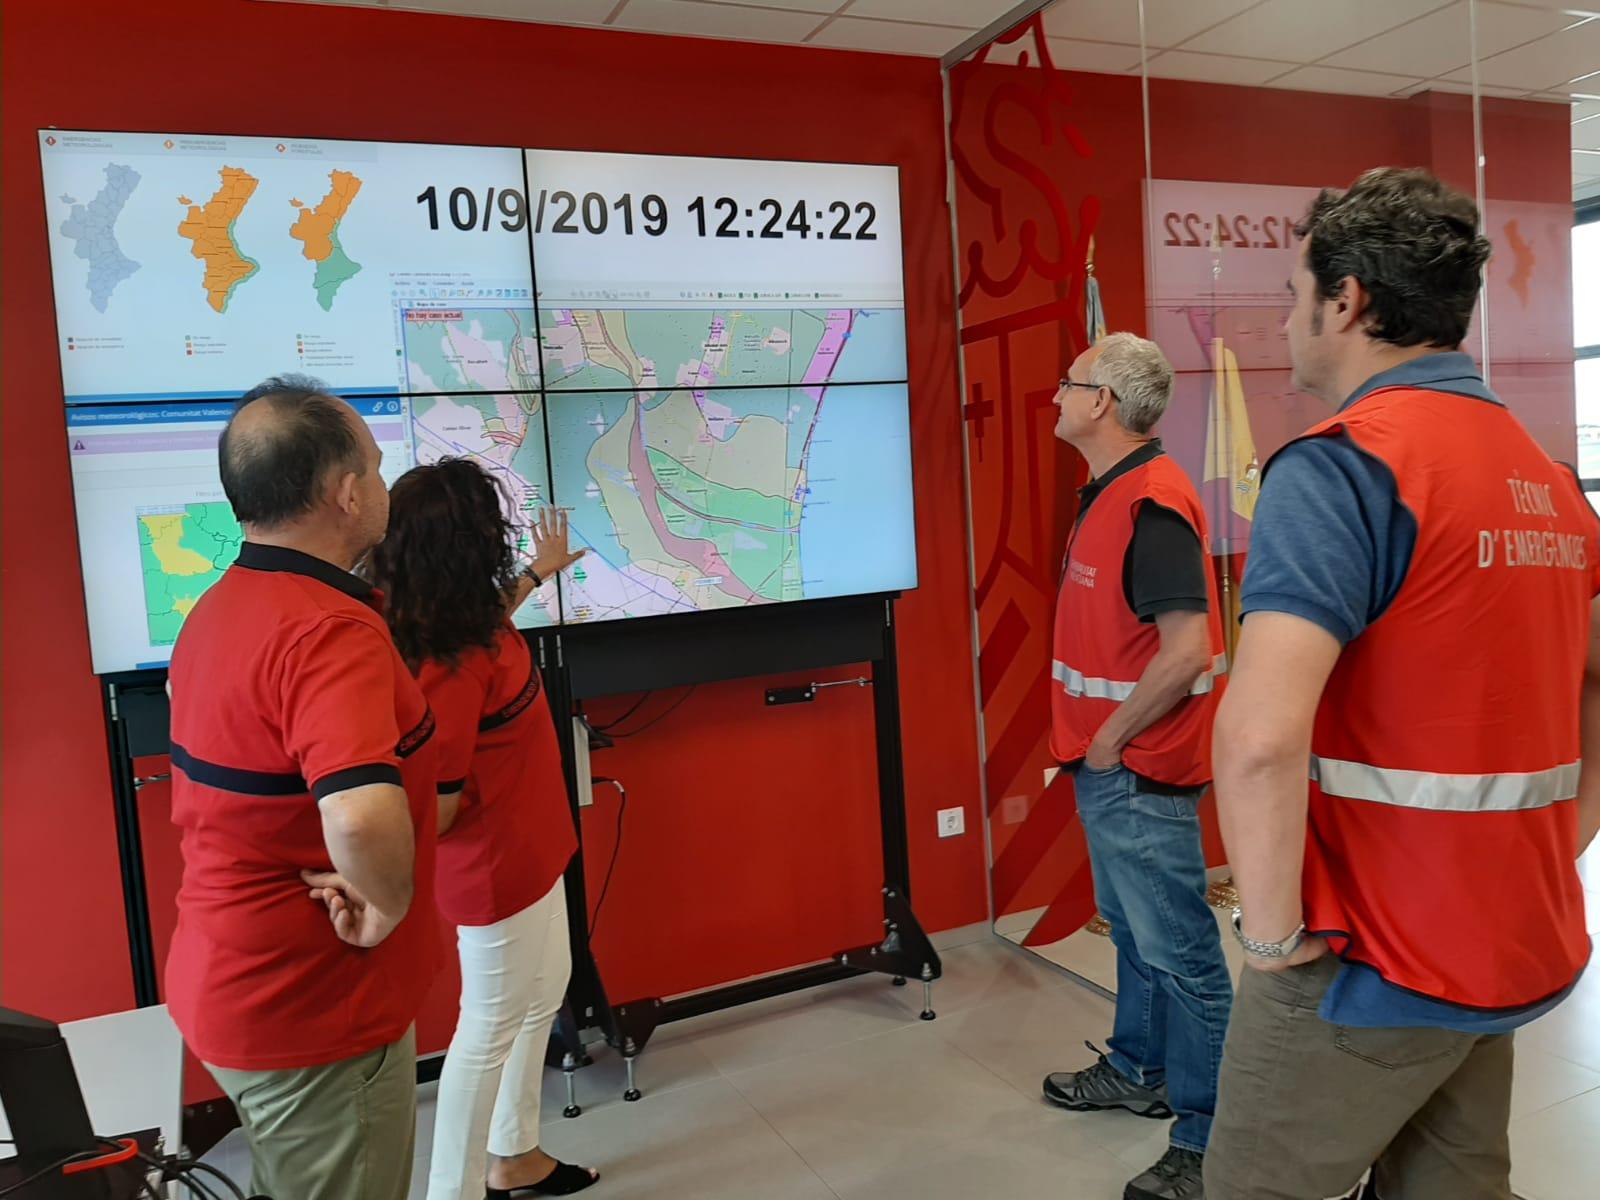 Se ha establecido la Preemergencia por lluvias nivel naranja en las tres provincias de la Comunitat Valenciana.